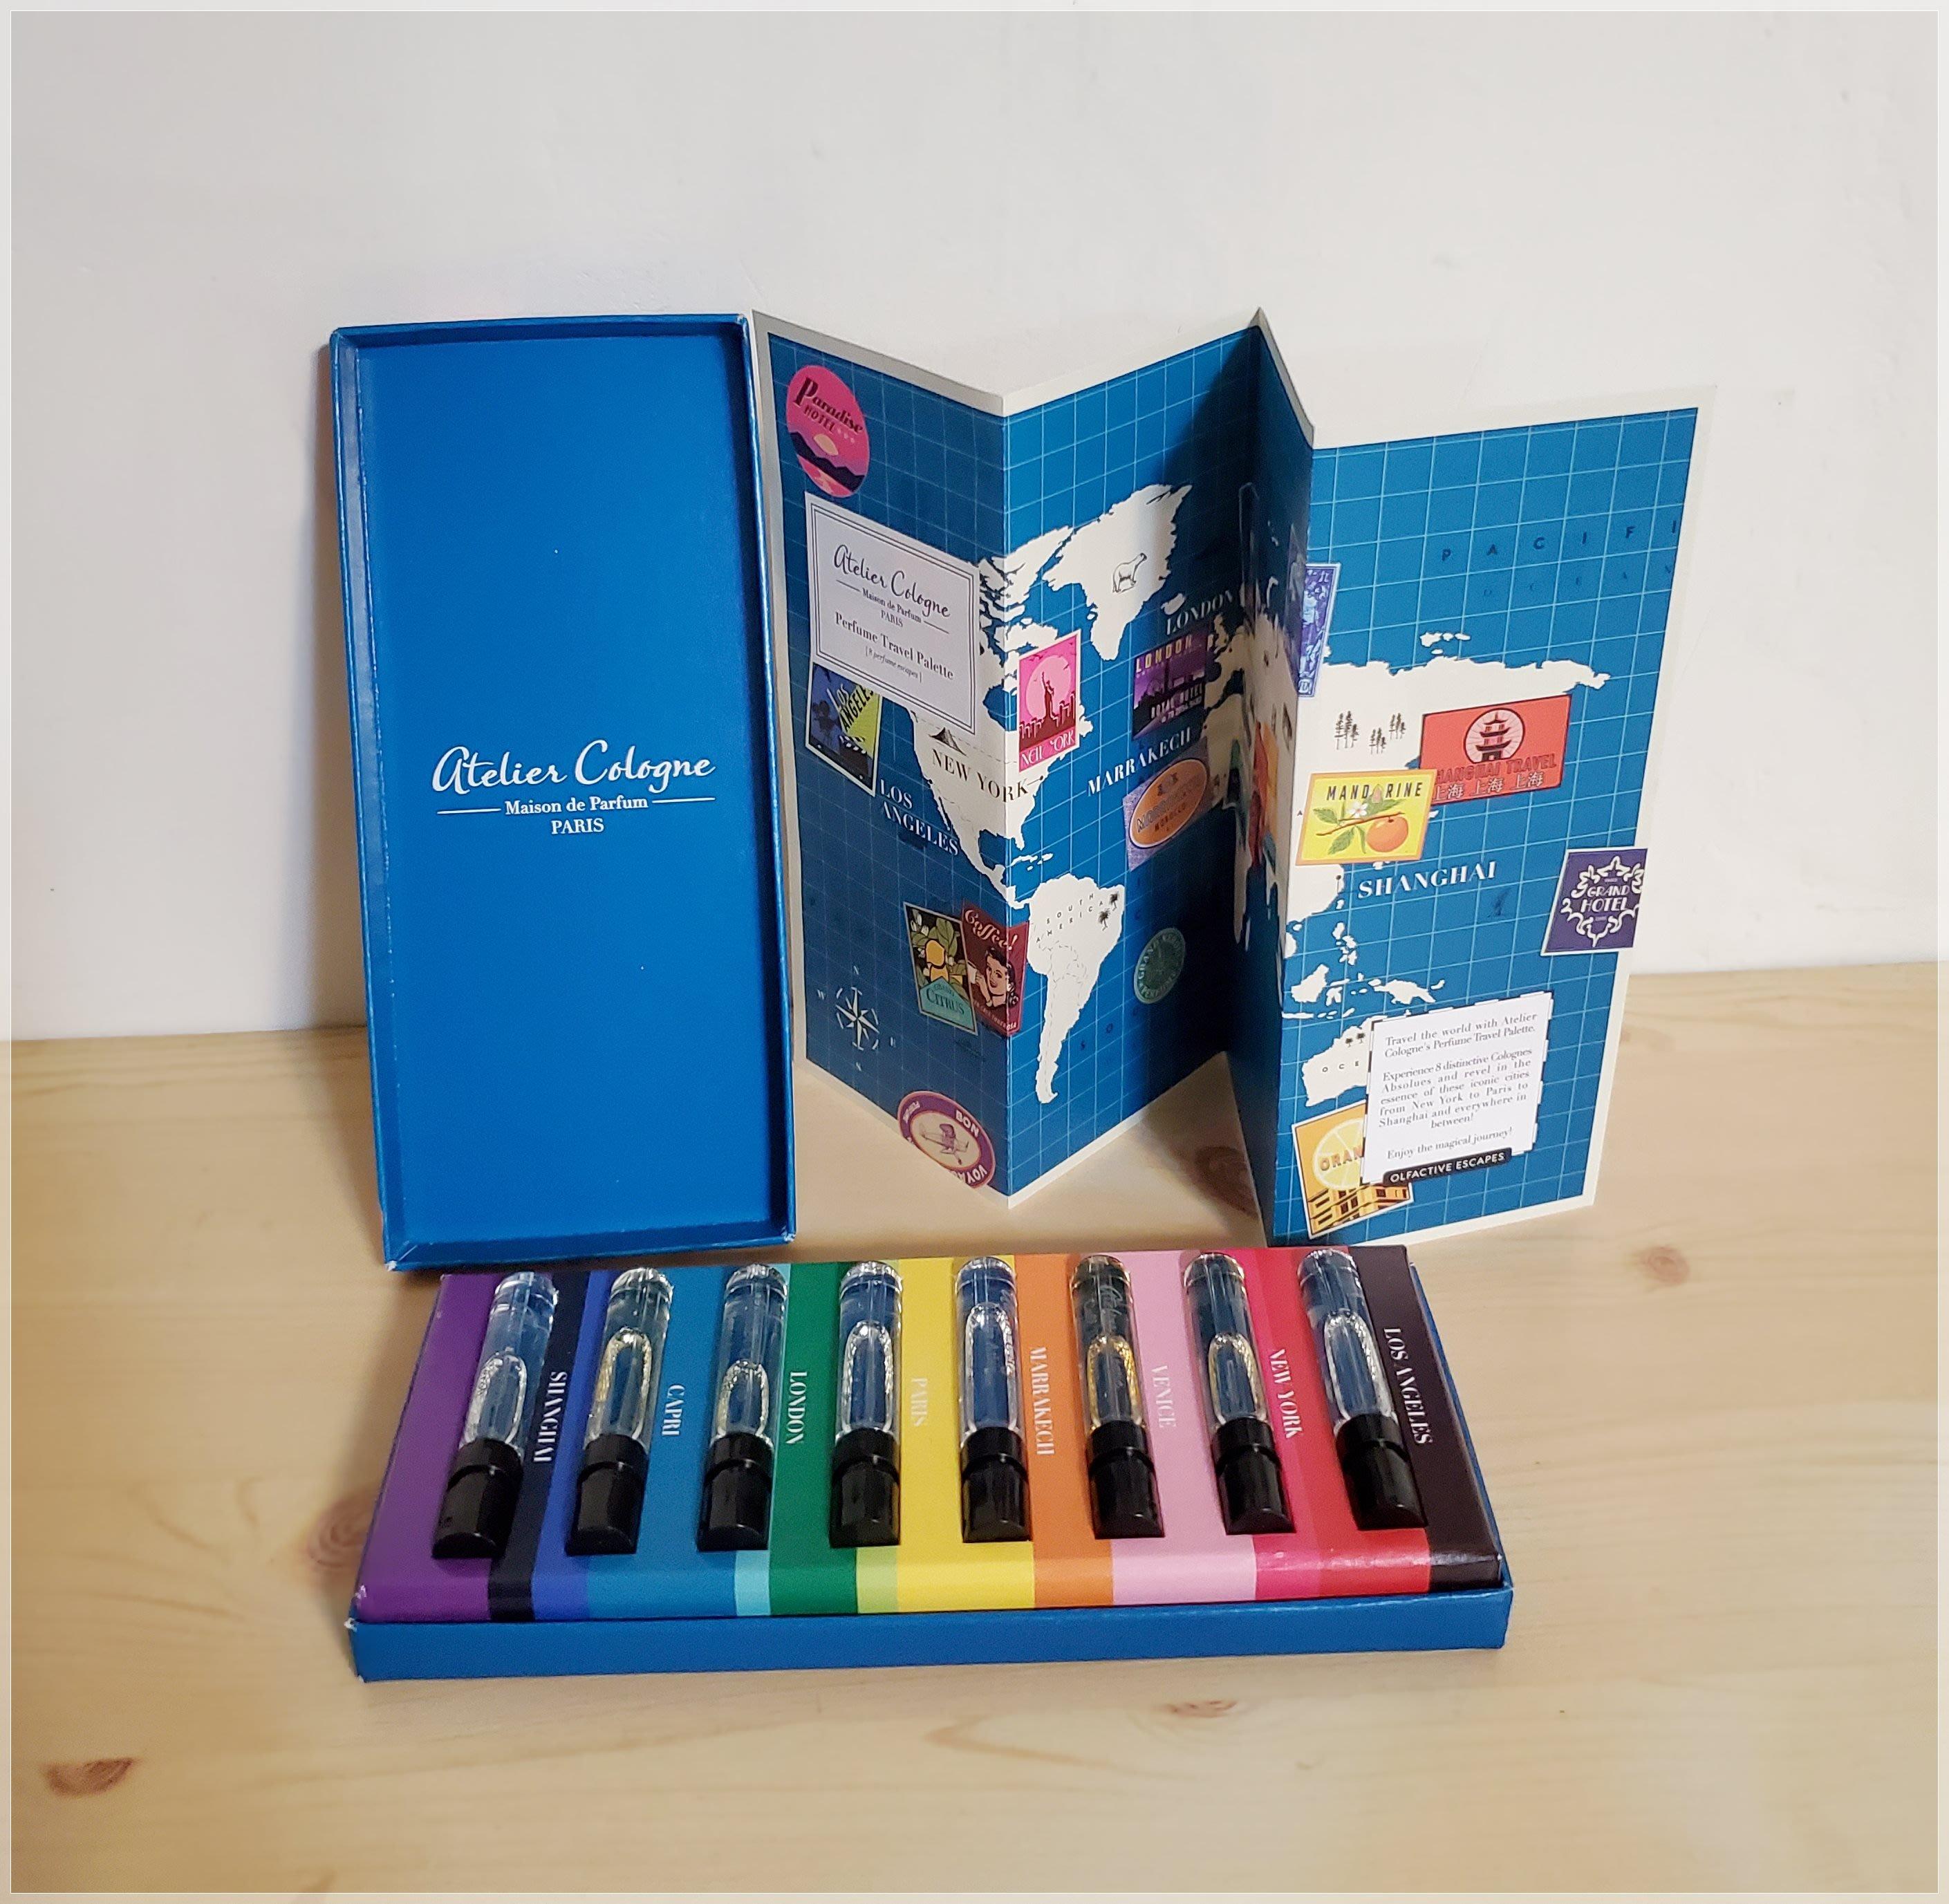 法國【Atelier Cologne】歐瓏 頂級沙龍香水 2ml X 8 香水禮盒【世界地圖版】